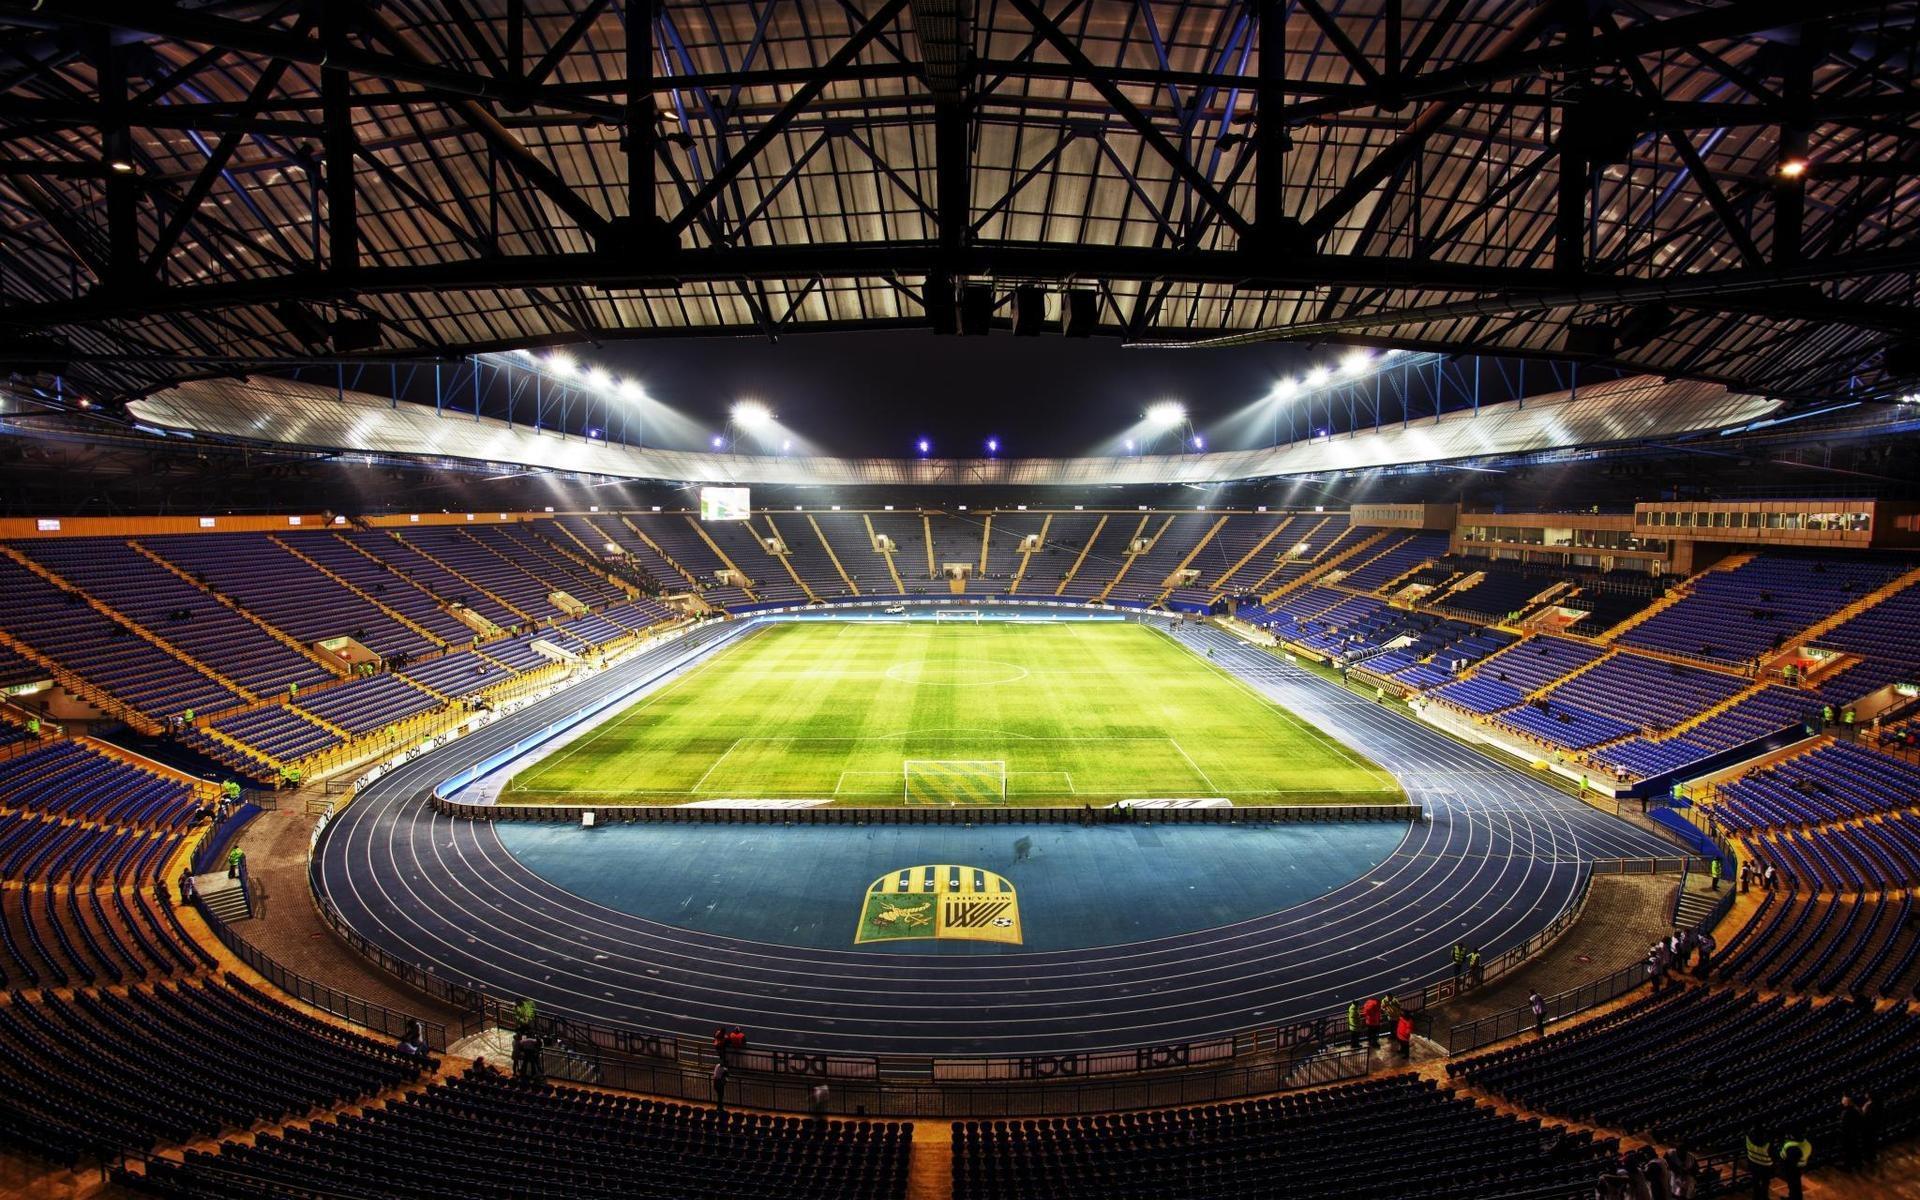 Amazing Beautiful Football Stadium Picture Desktop Wallpaper #81zie